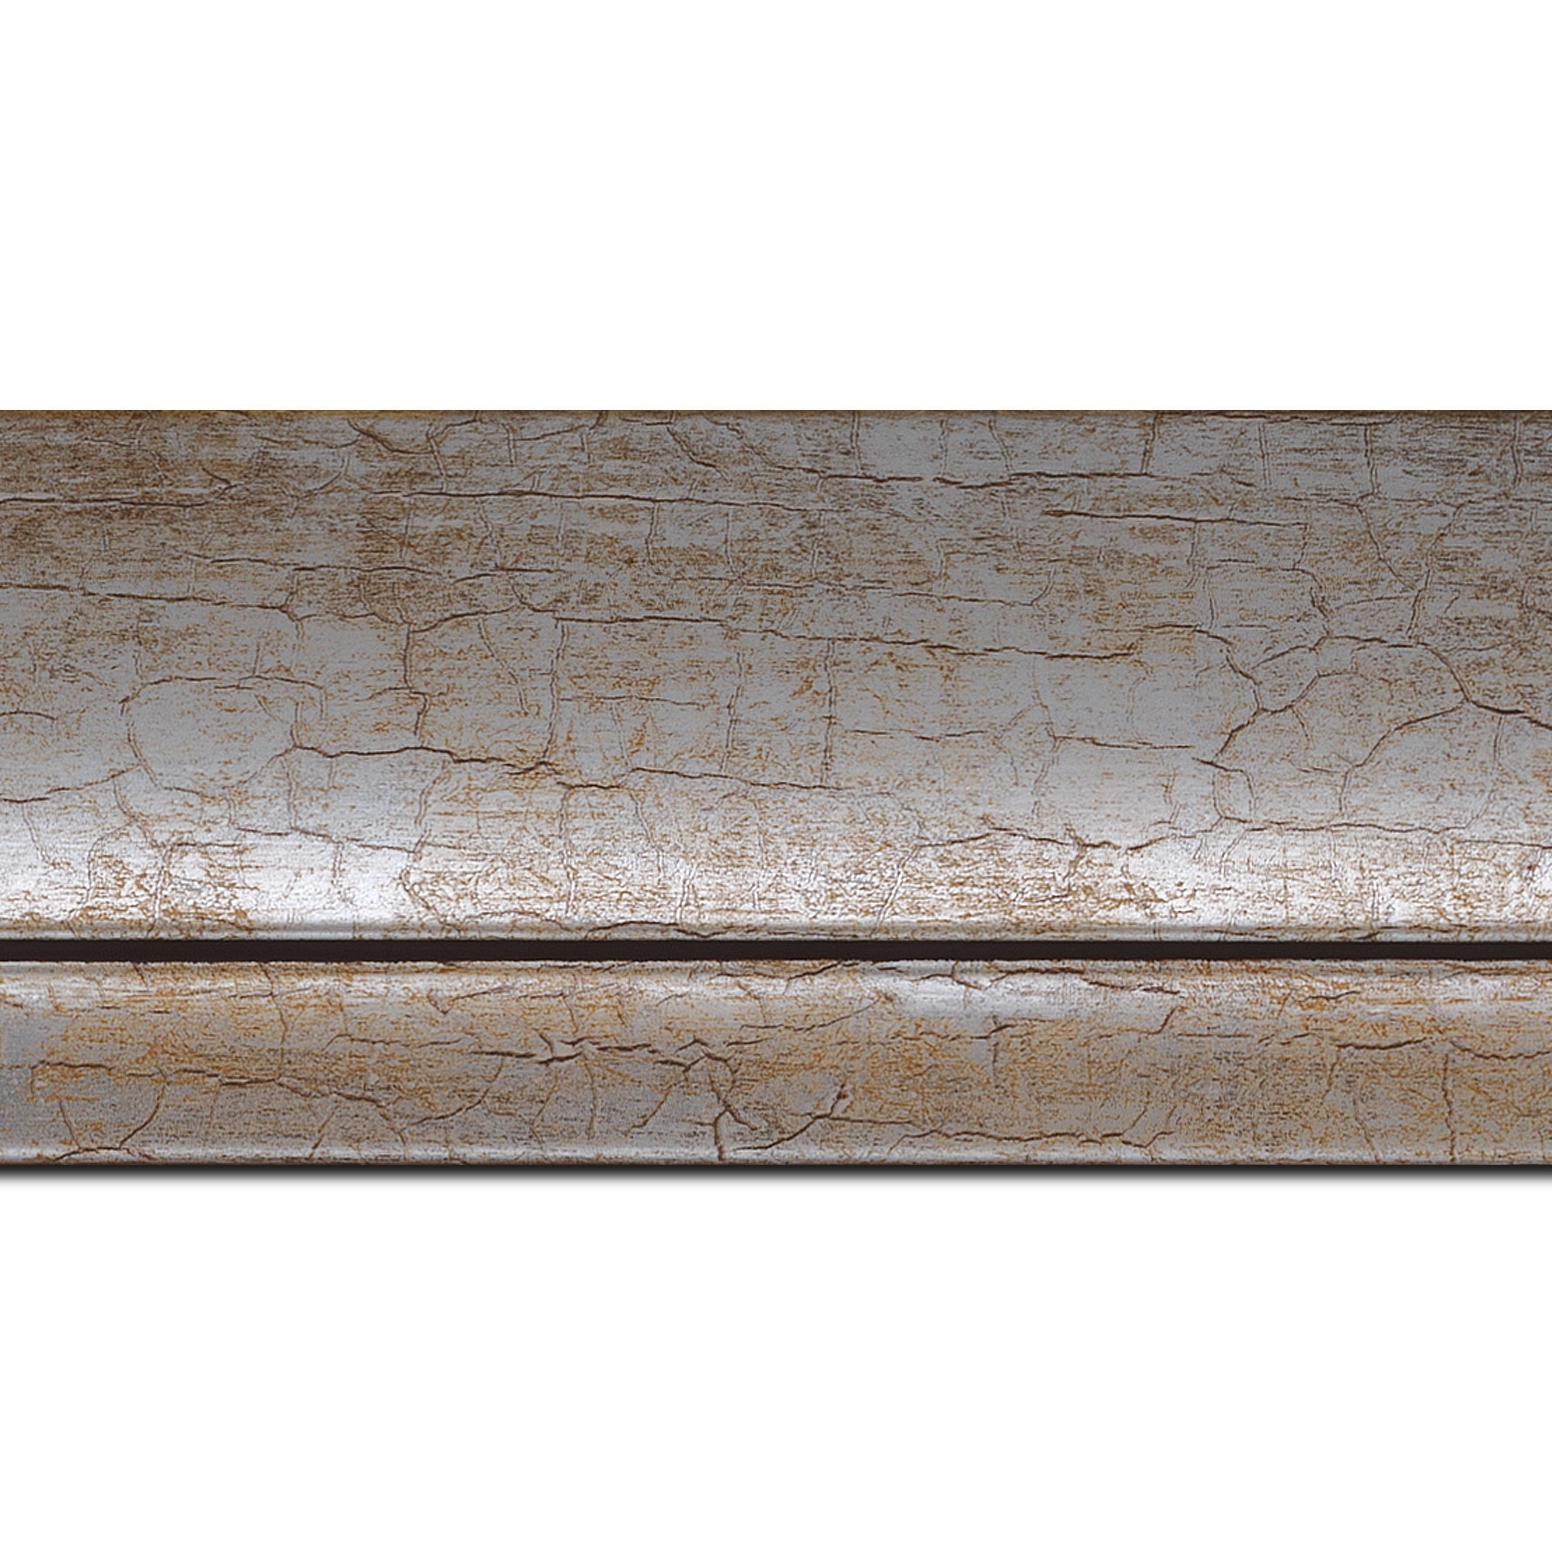 Baguette longueur 1.40m bois profil arrondi largeur 7.6cm argent chaud craquelé